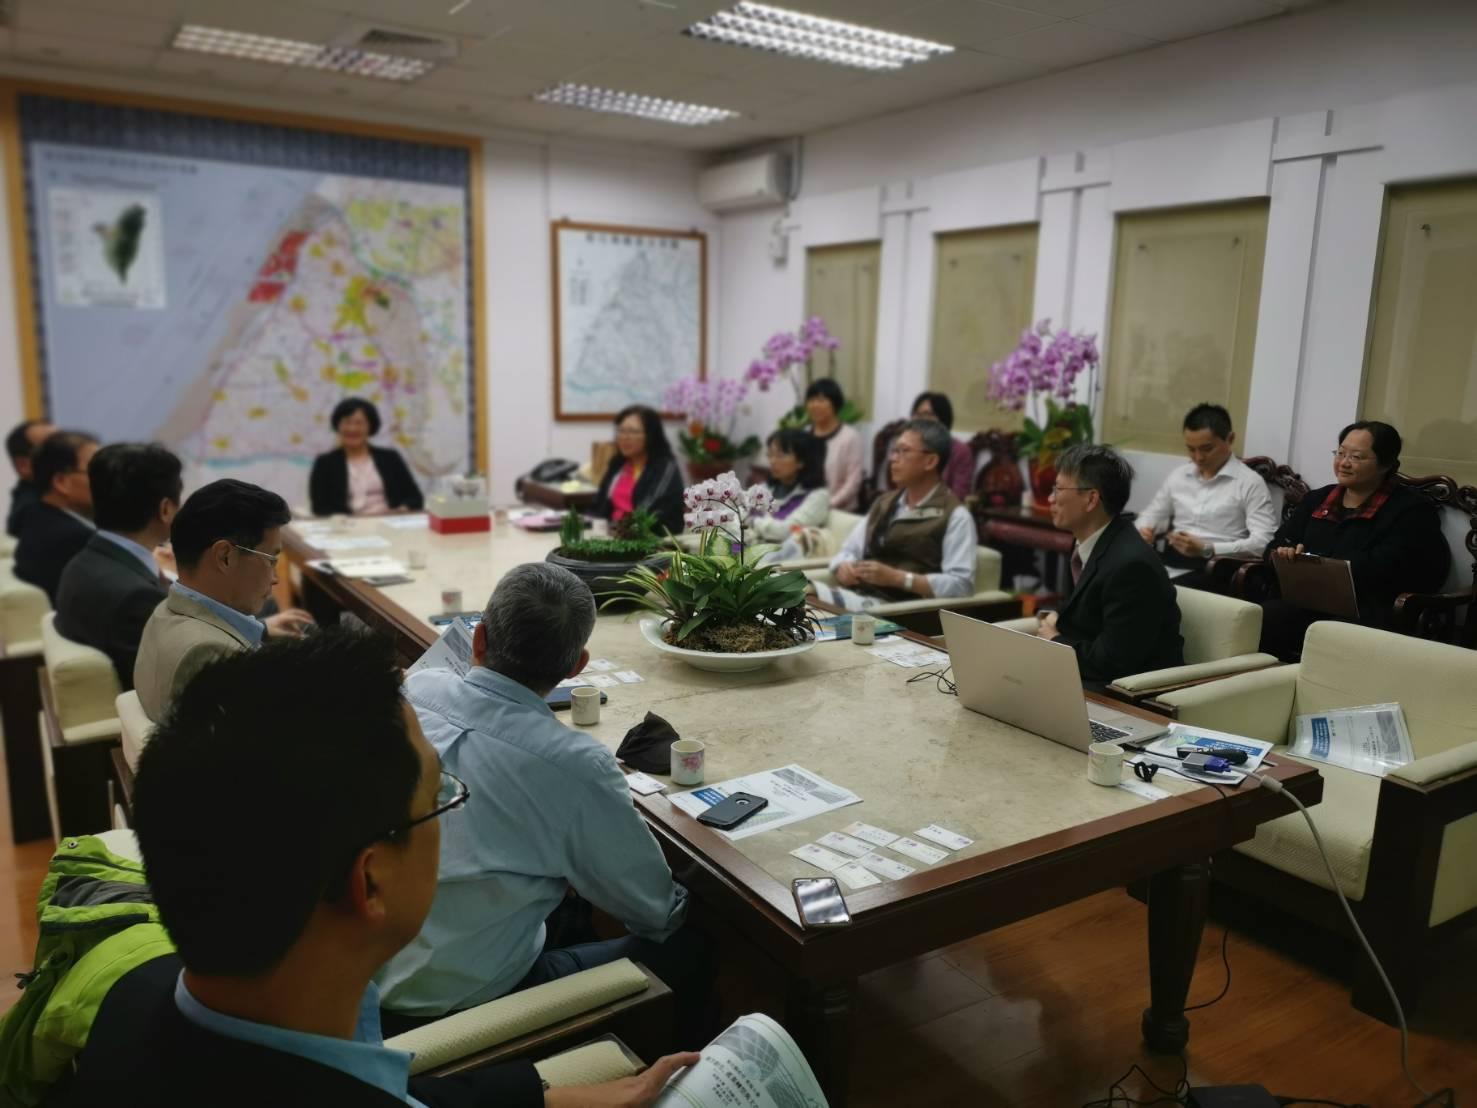 圖2-東海大學團隊與彰化縣政府共同探討地方創生議題的合作方向